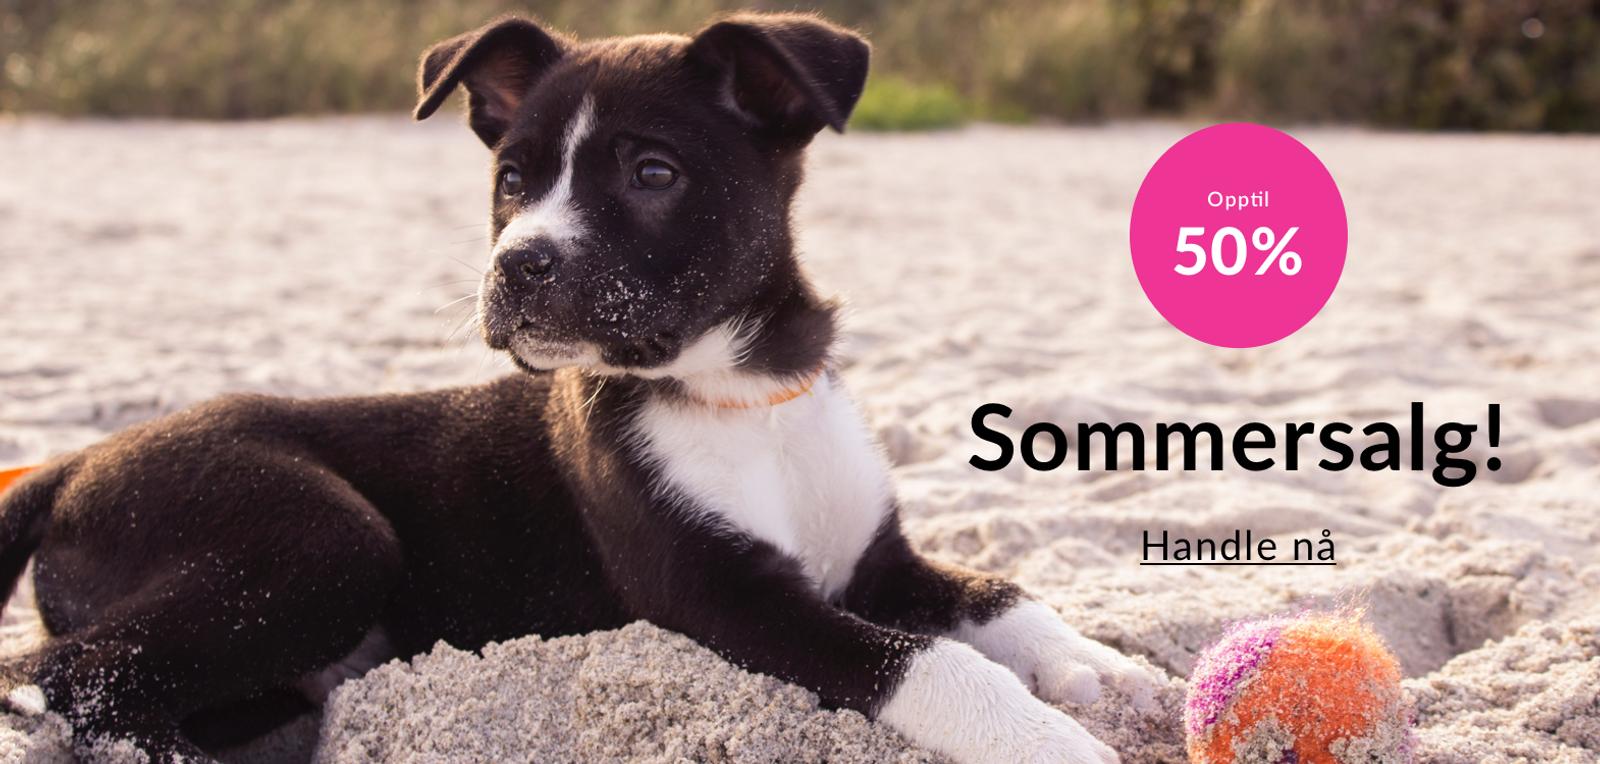 Tilbud på mengder av sommervarer til hund og katt!